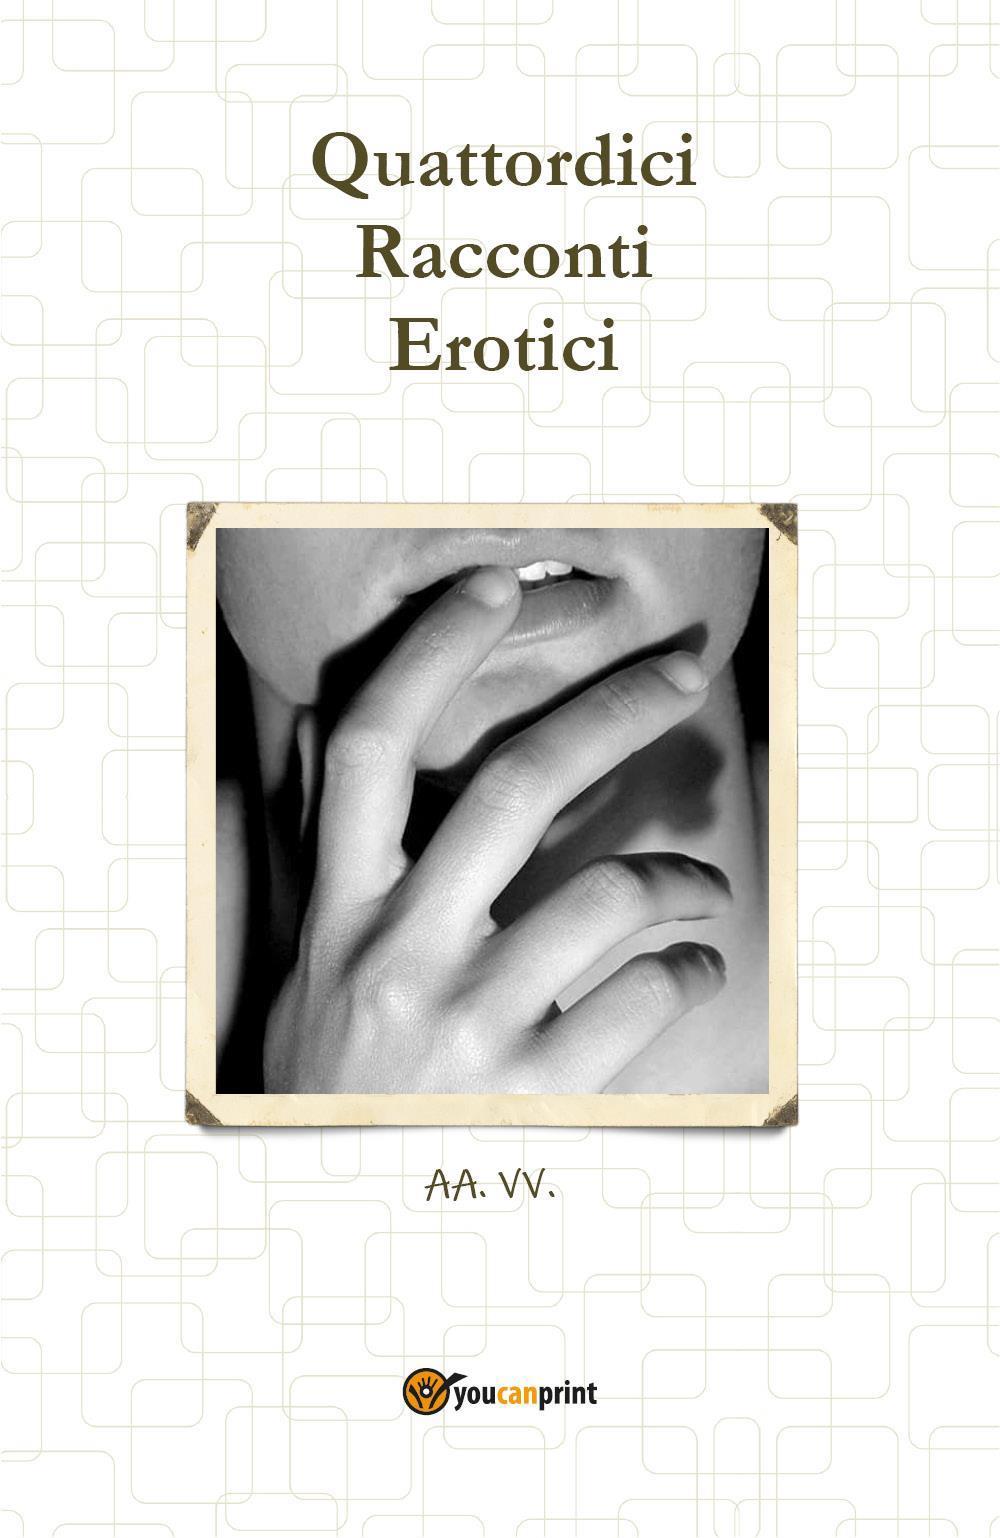 Quattordici racconti erotici